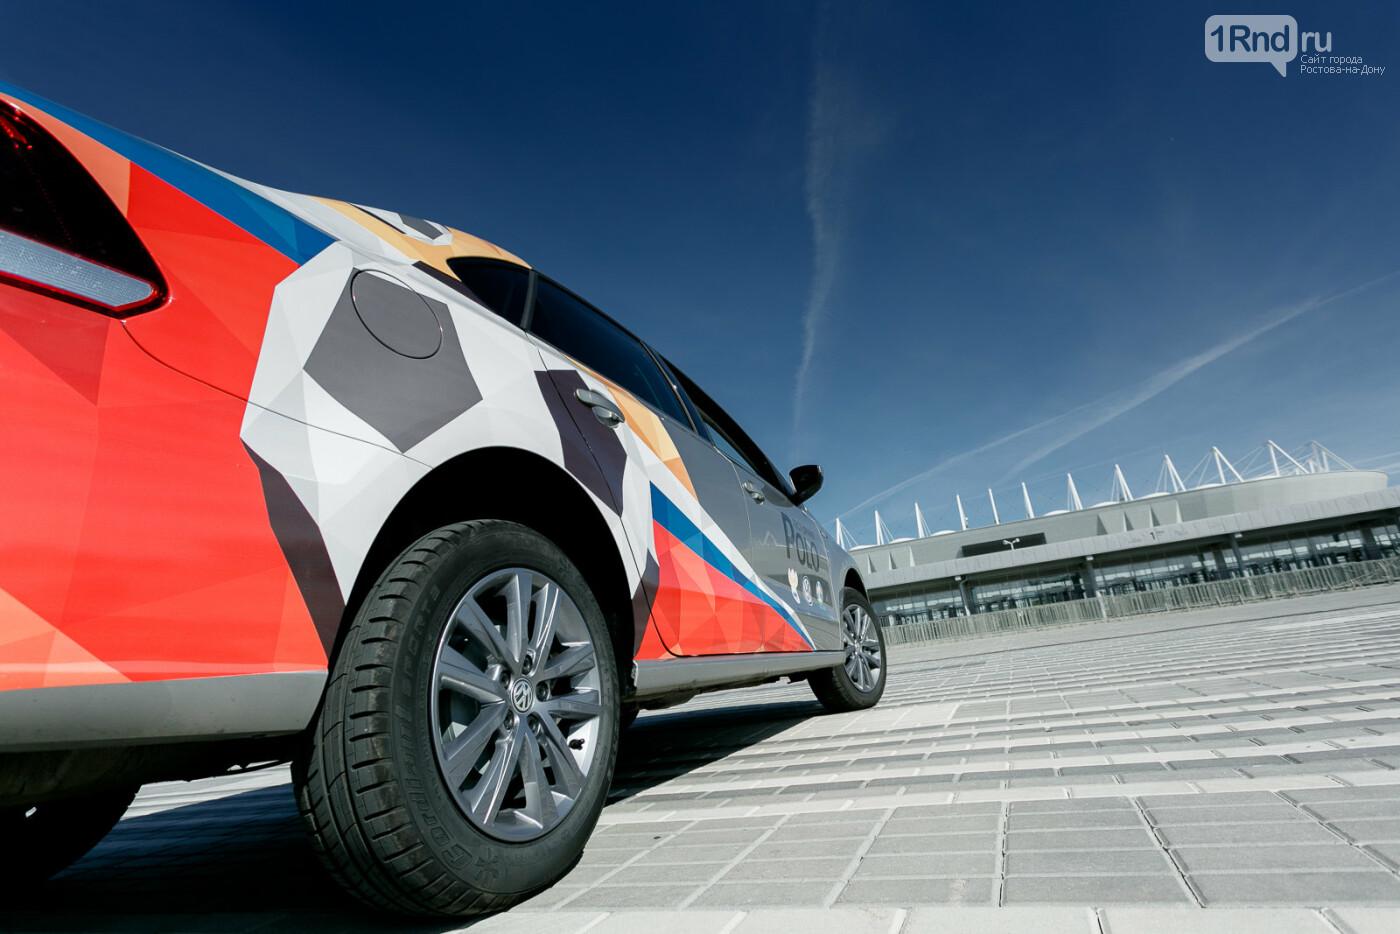 Тест-драйв Volkswagen Polo: узнай, причем здесь футбол, фото-23